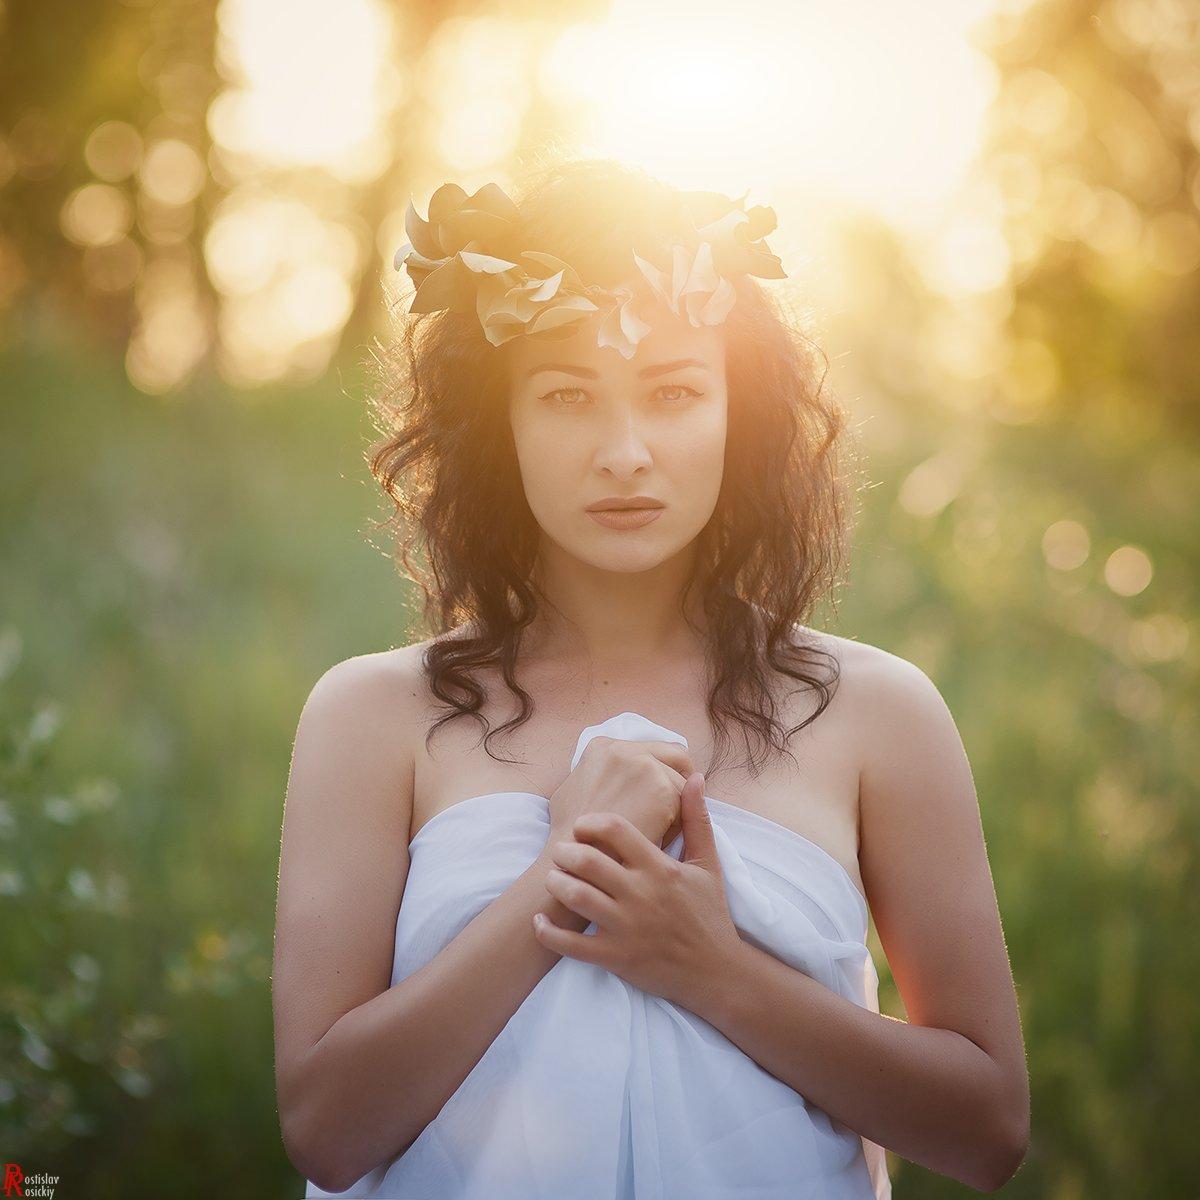 девушка, портрет, лето, солнце, пленэр, ростислав росицкий, Ростислав Росицкий